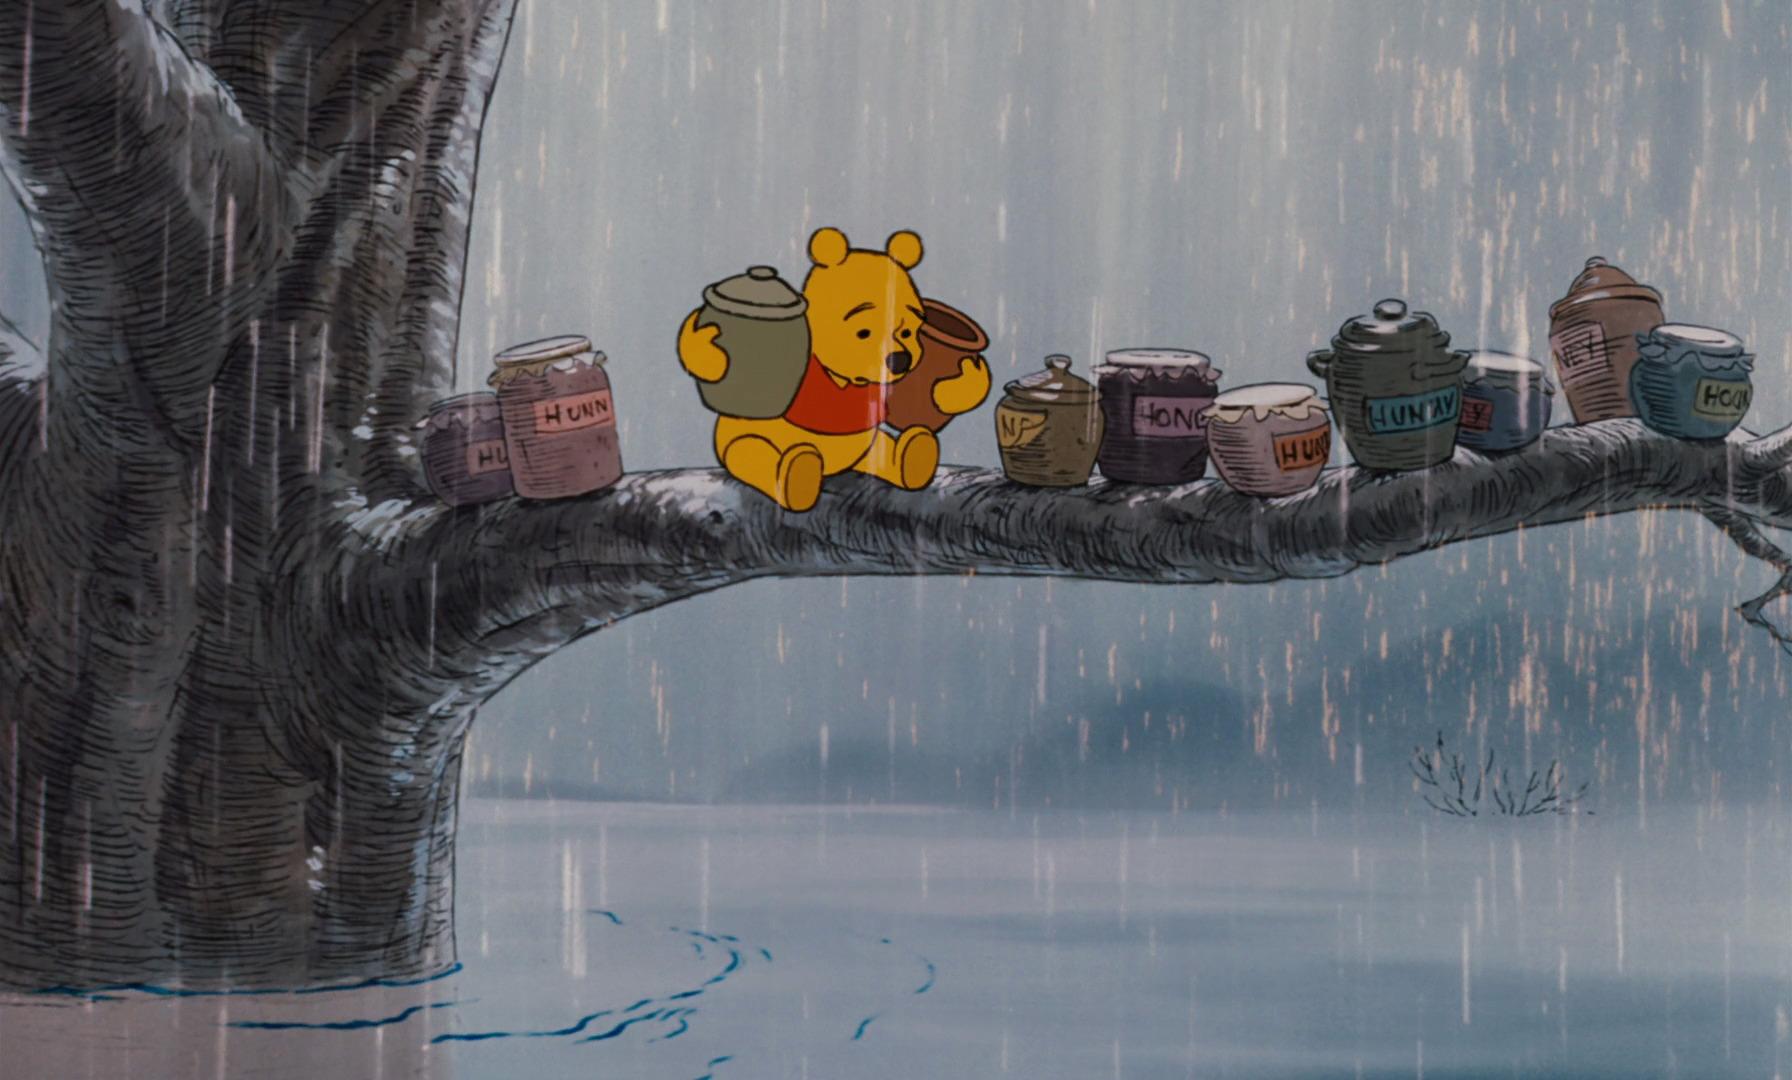 Rain, Rain, Rain Came Down, Down, Down